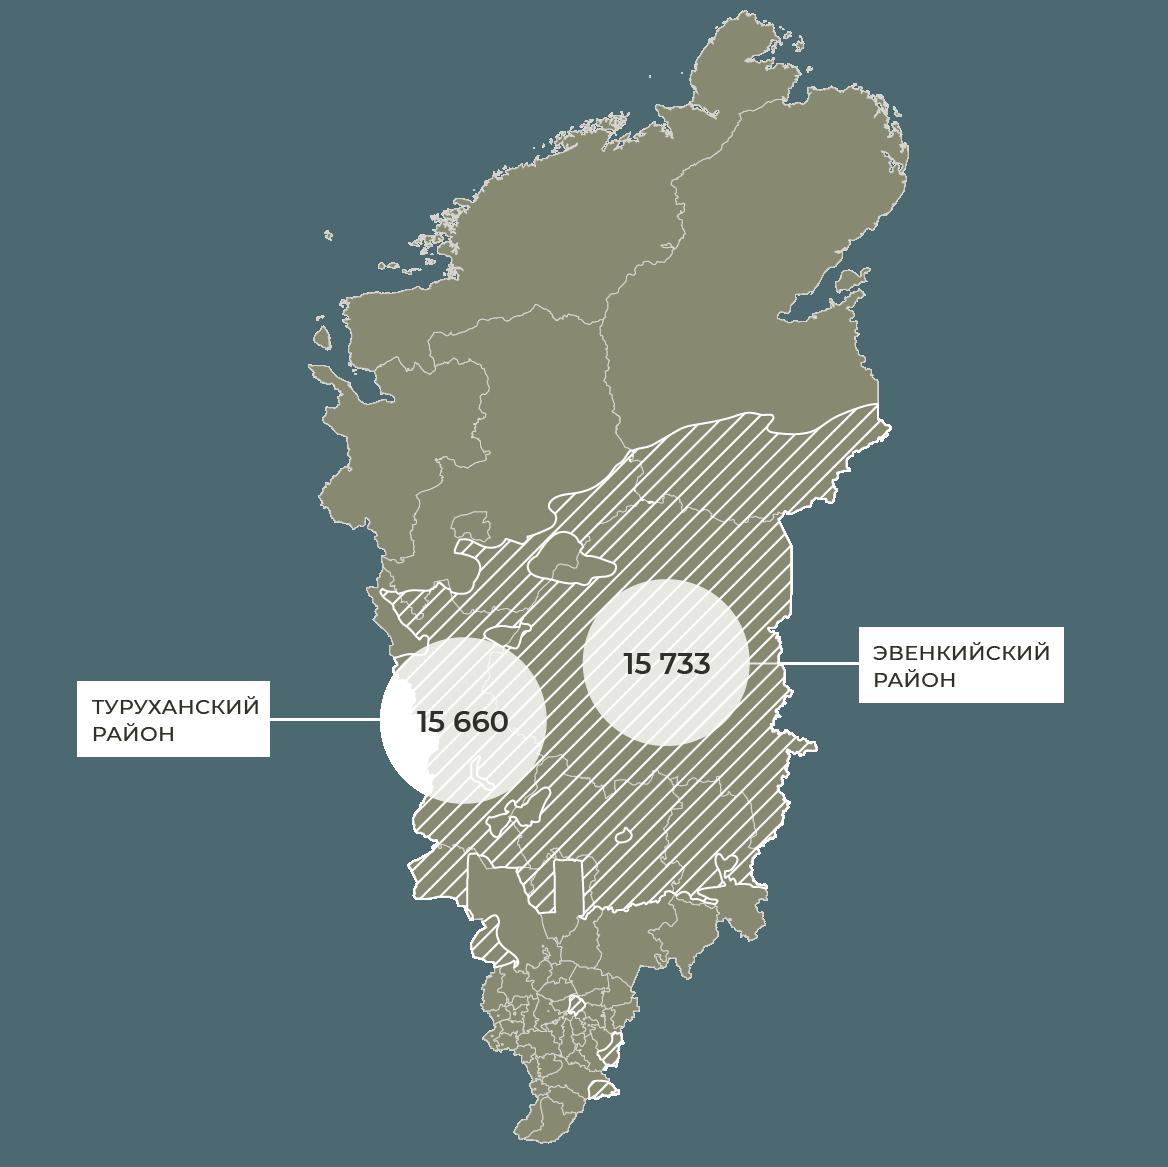 ВКрасноярском крае в«зоне контроля» пожаров оказались Туруханский (численность населения на1января 2019 года— 15 660 человек) иЭвенкийский районы (15 733 человек)